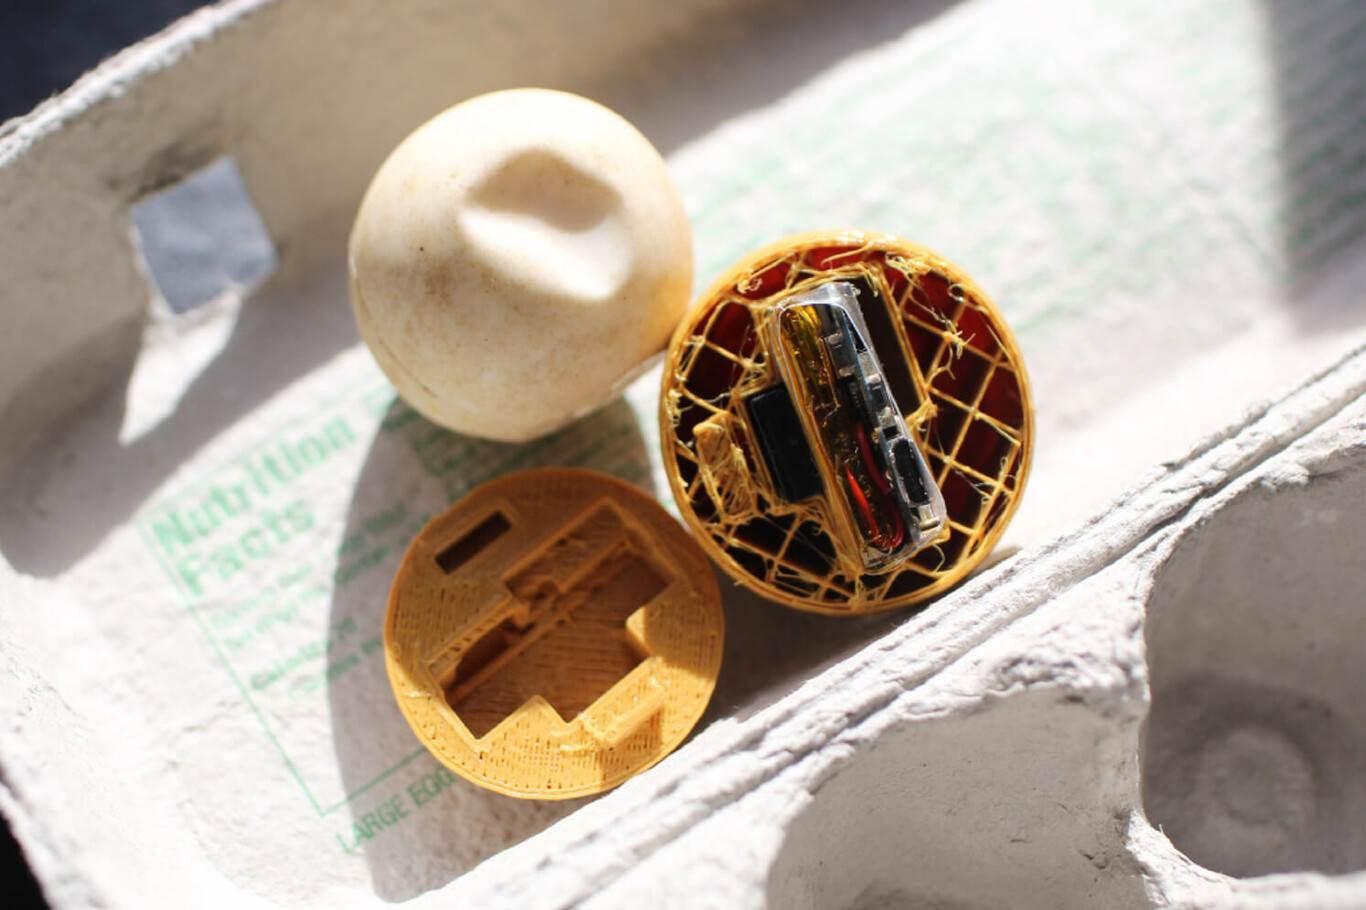 Científicos crean huevos falsos con GPS para combatir el tráfico ilegal de tortugas en Costa Rica